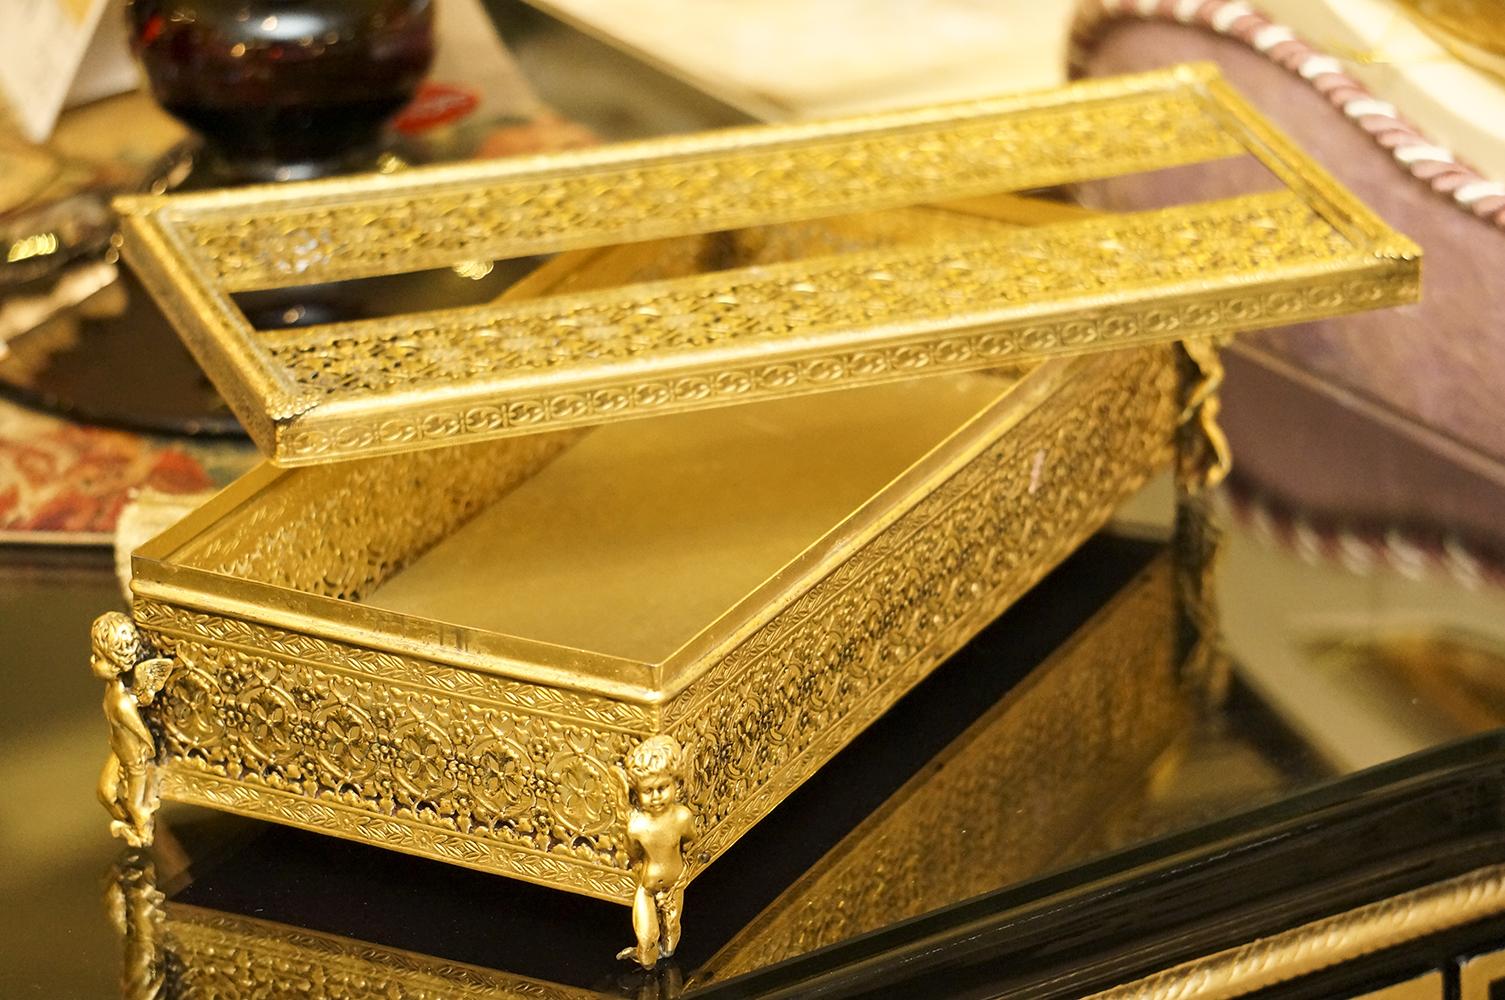 スタイルビルト製 ゴールド 天使 ティッシュボックス 開けた状態